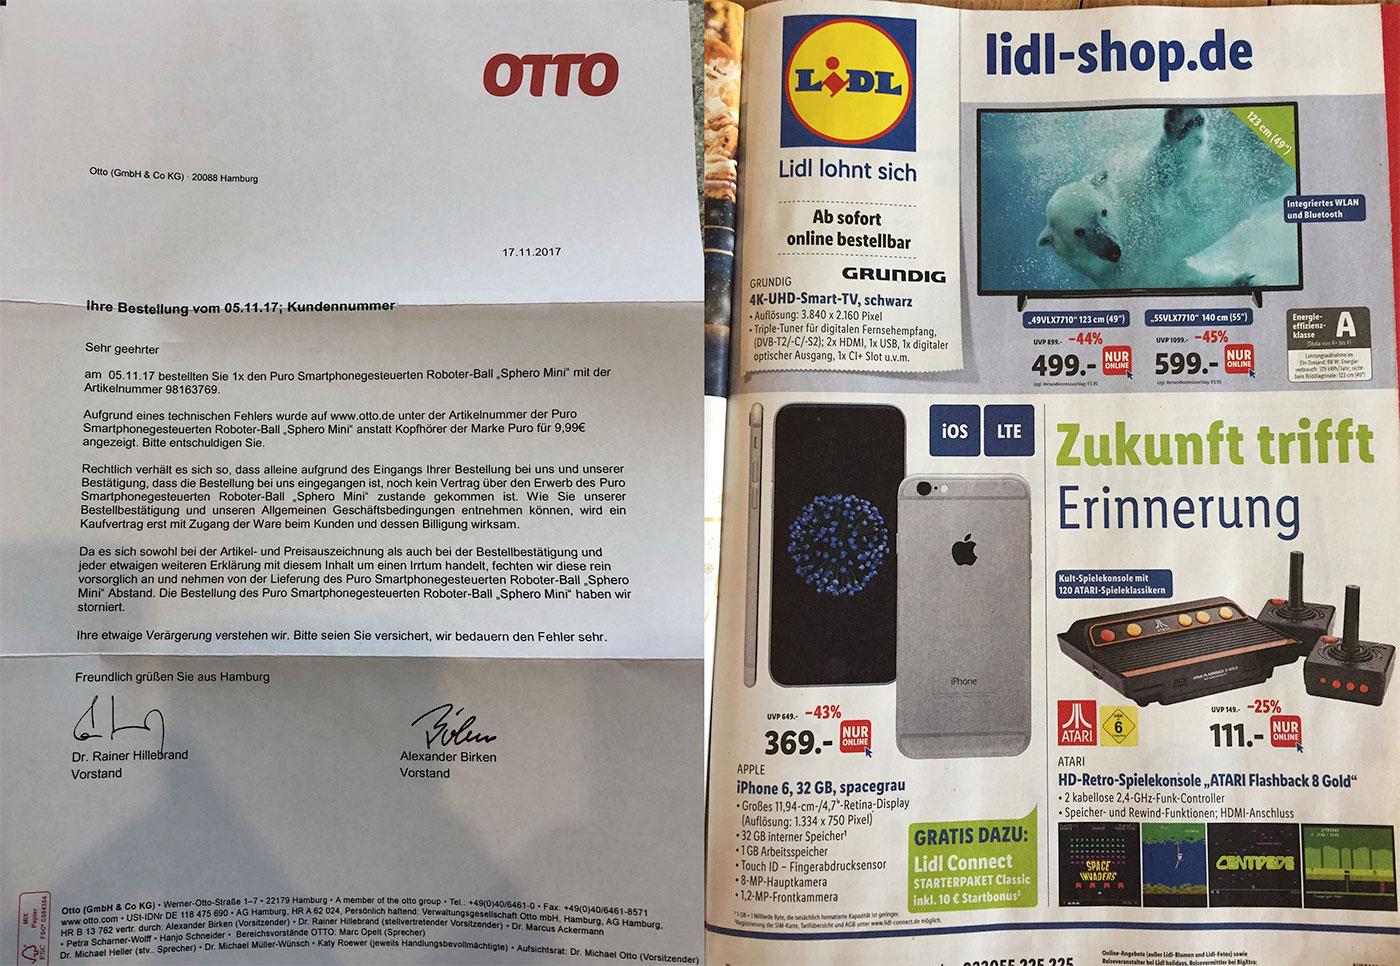 Otto Lidl